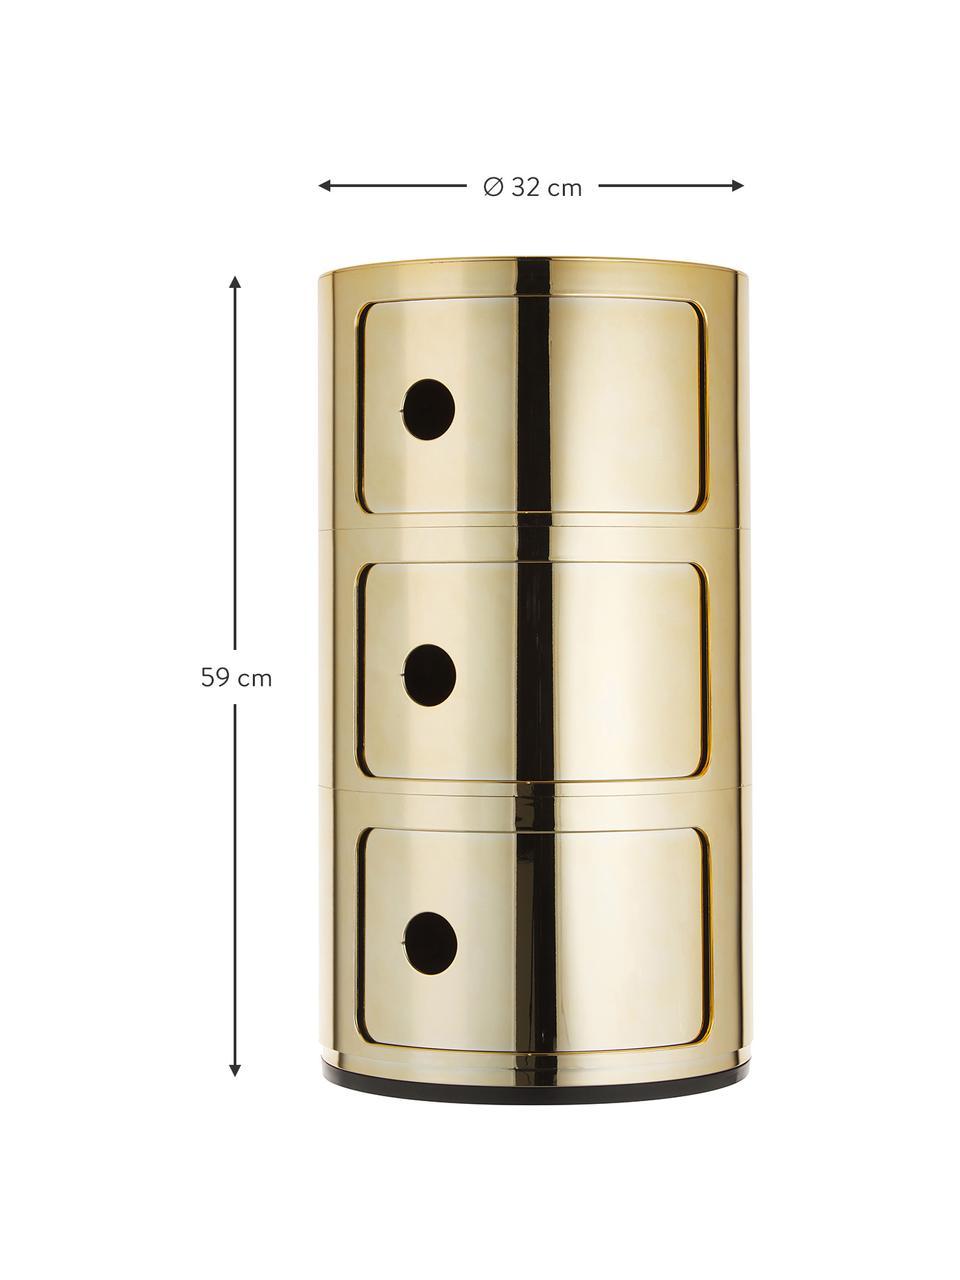 Comodino contenitore di design con 3 cassetti Componibili, Materiale sintetico (ABS), verniciato, Dorato, Ø 32 x Alt. 59 cm